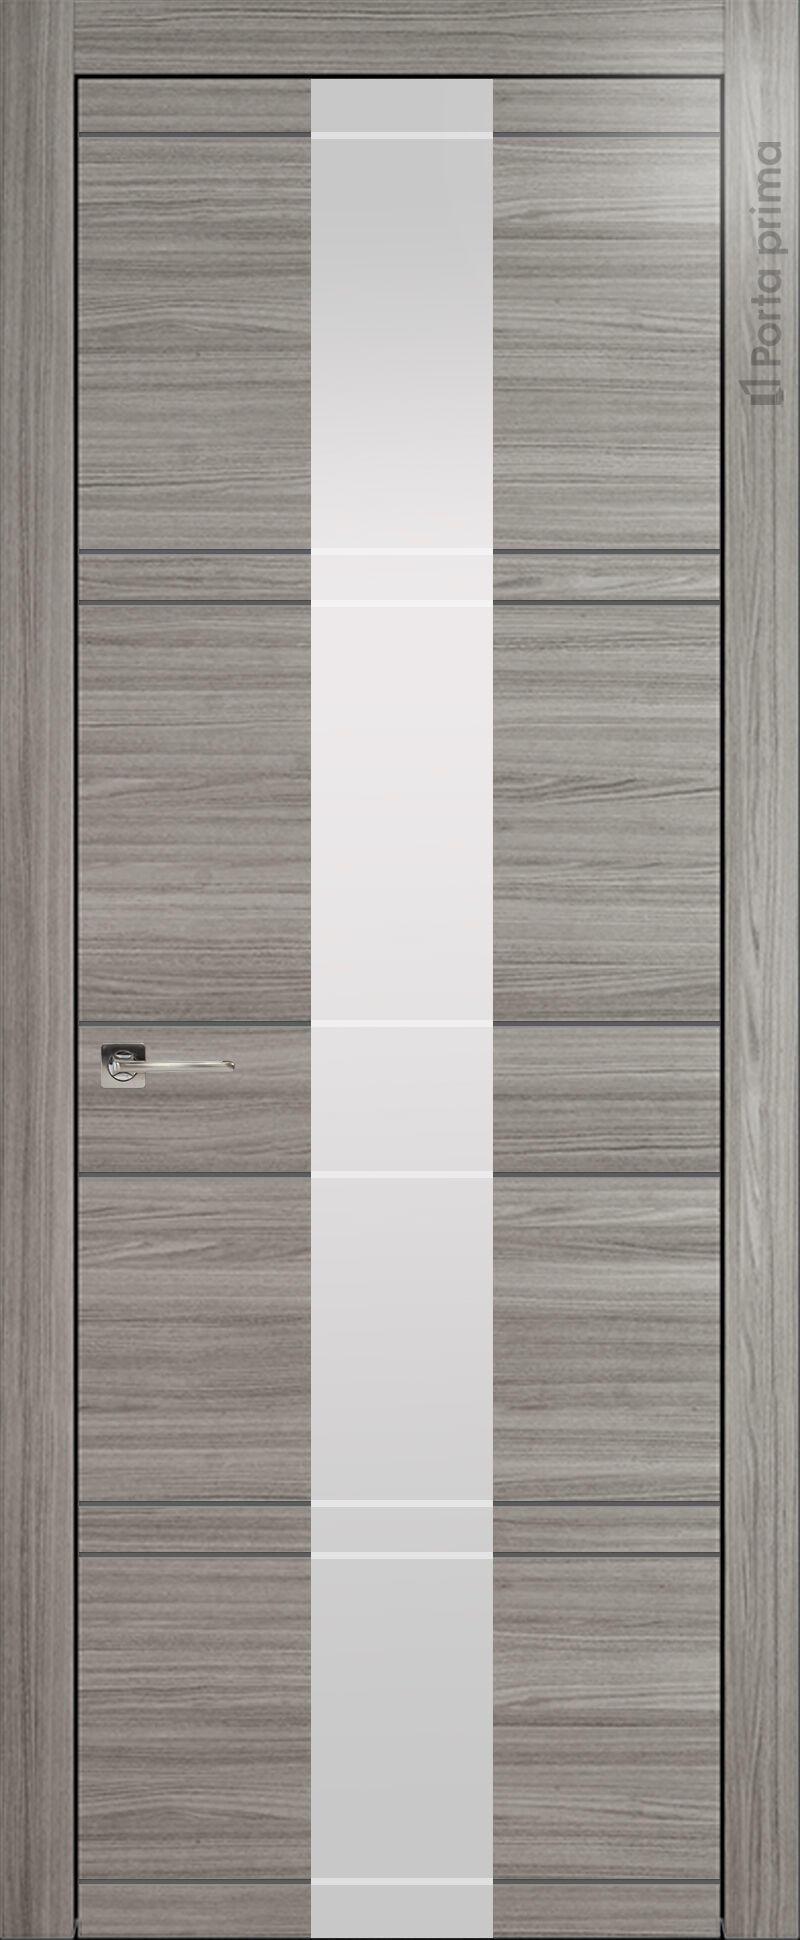 Tivoli Ж-2 цвет - Орех пепельный Со стеклом (ДО)